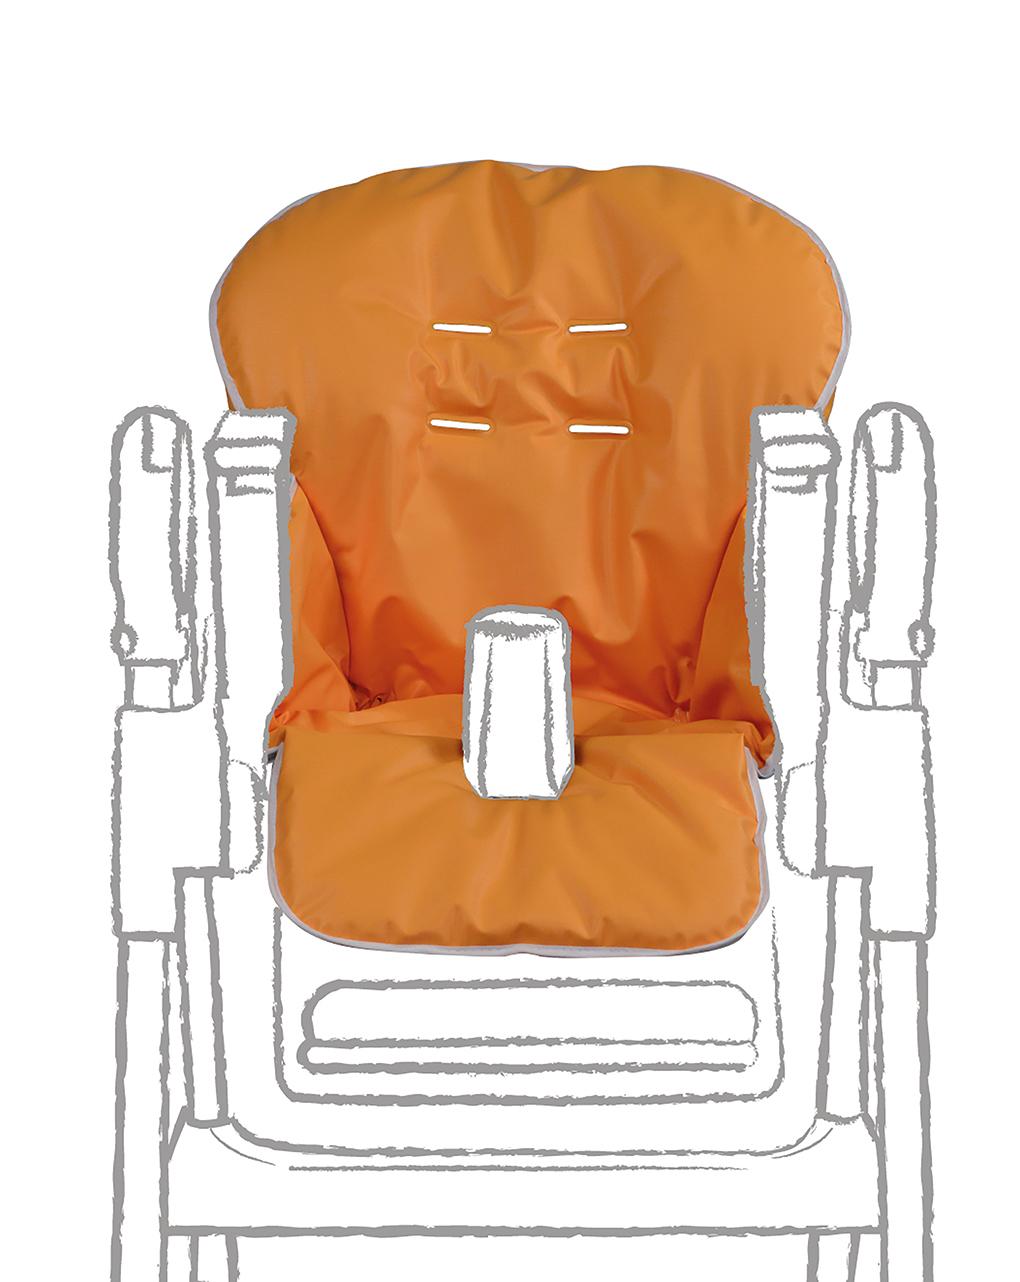 Copri seggiolone in pvc arancione - Giordani